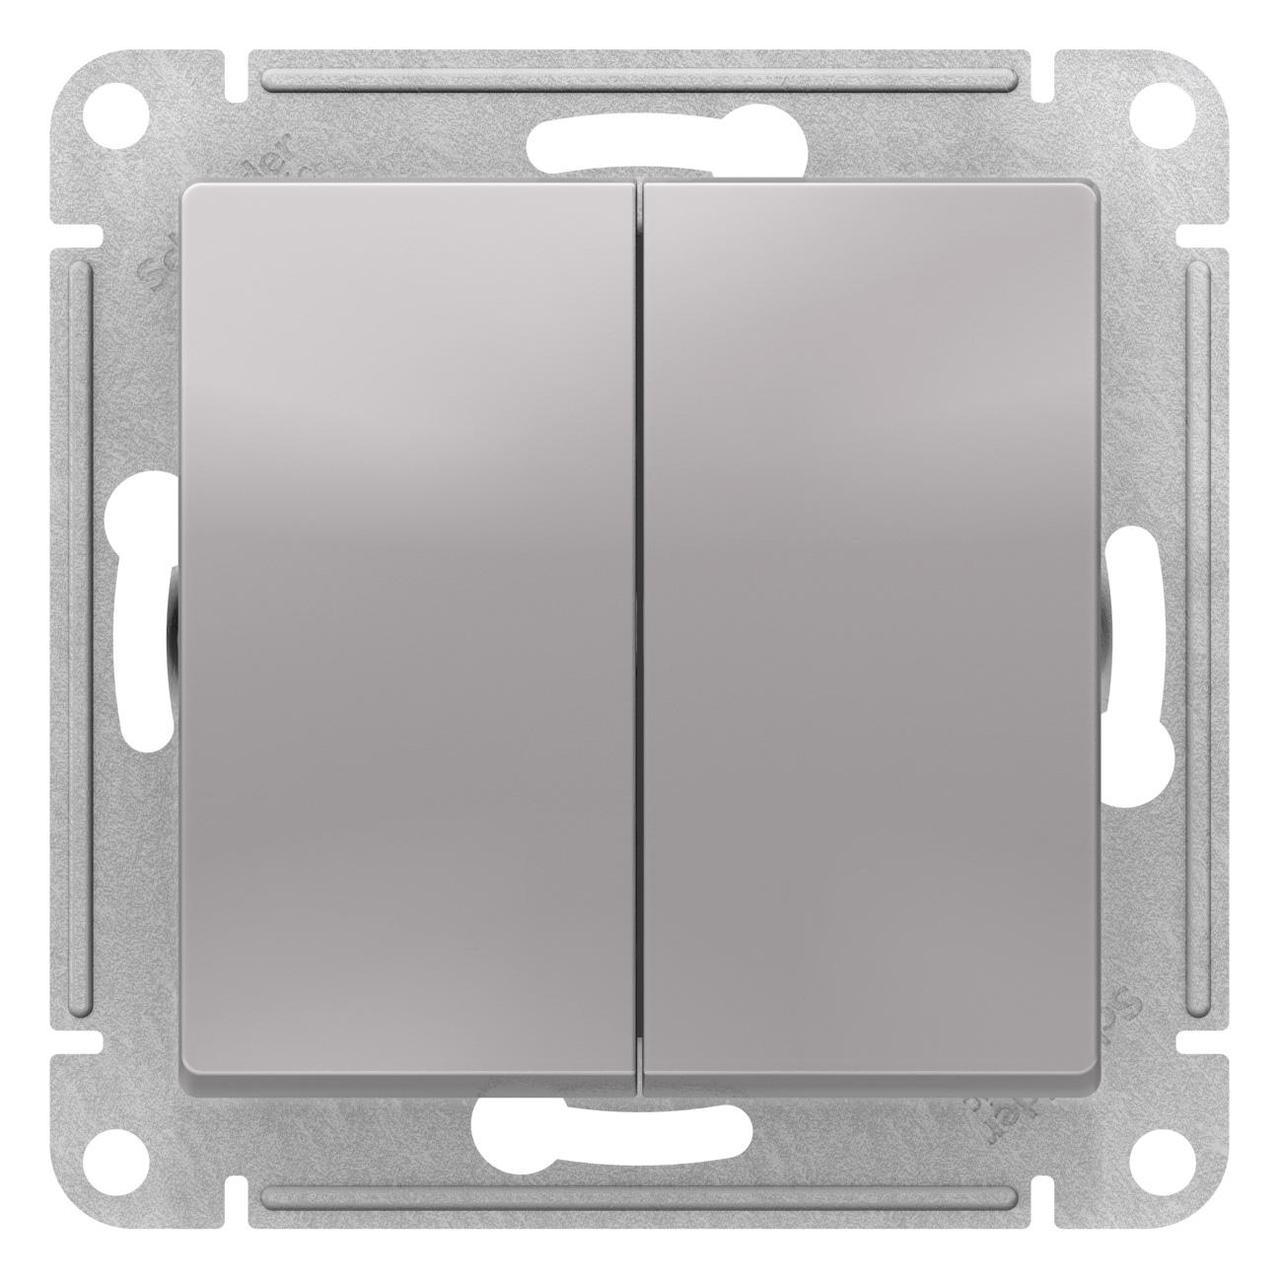 Выключатель 2-клавишный проходной (с двух мест) , Алюминий, серия Atlas Design, Schneider Electric